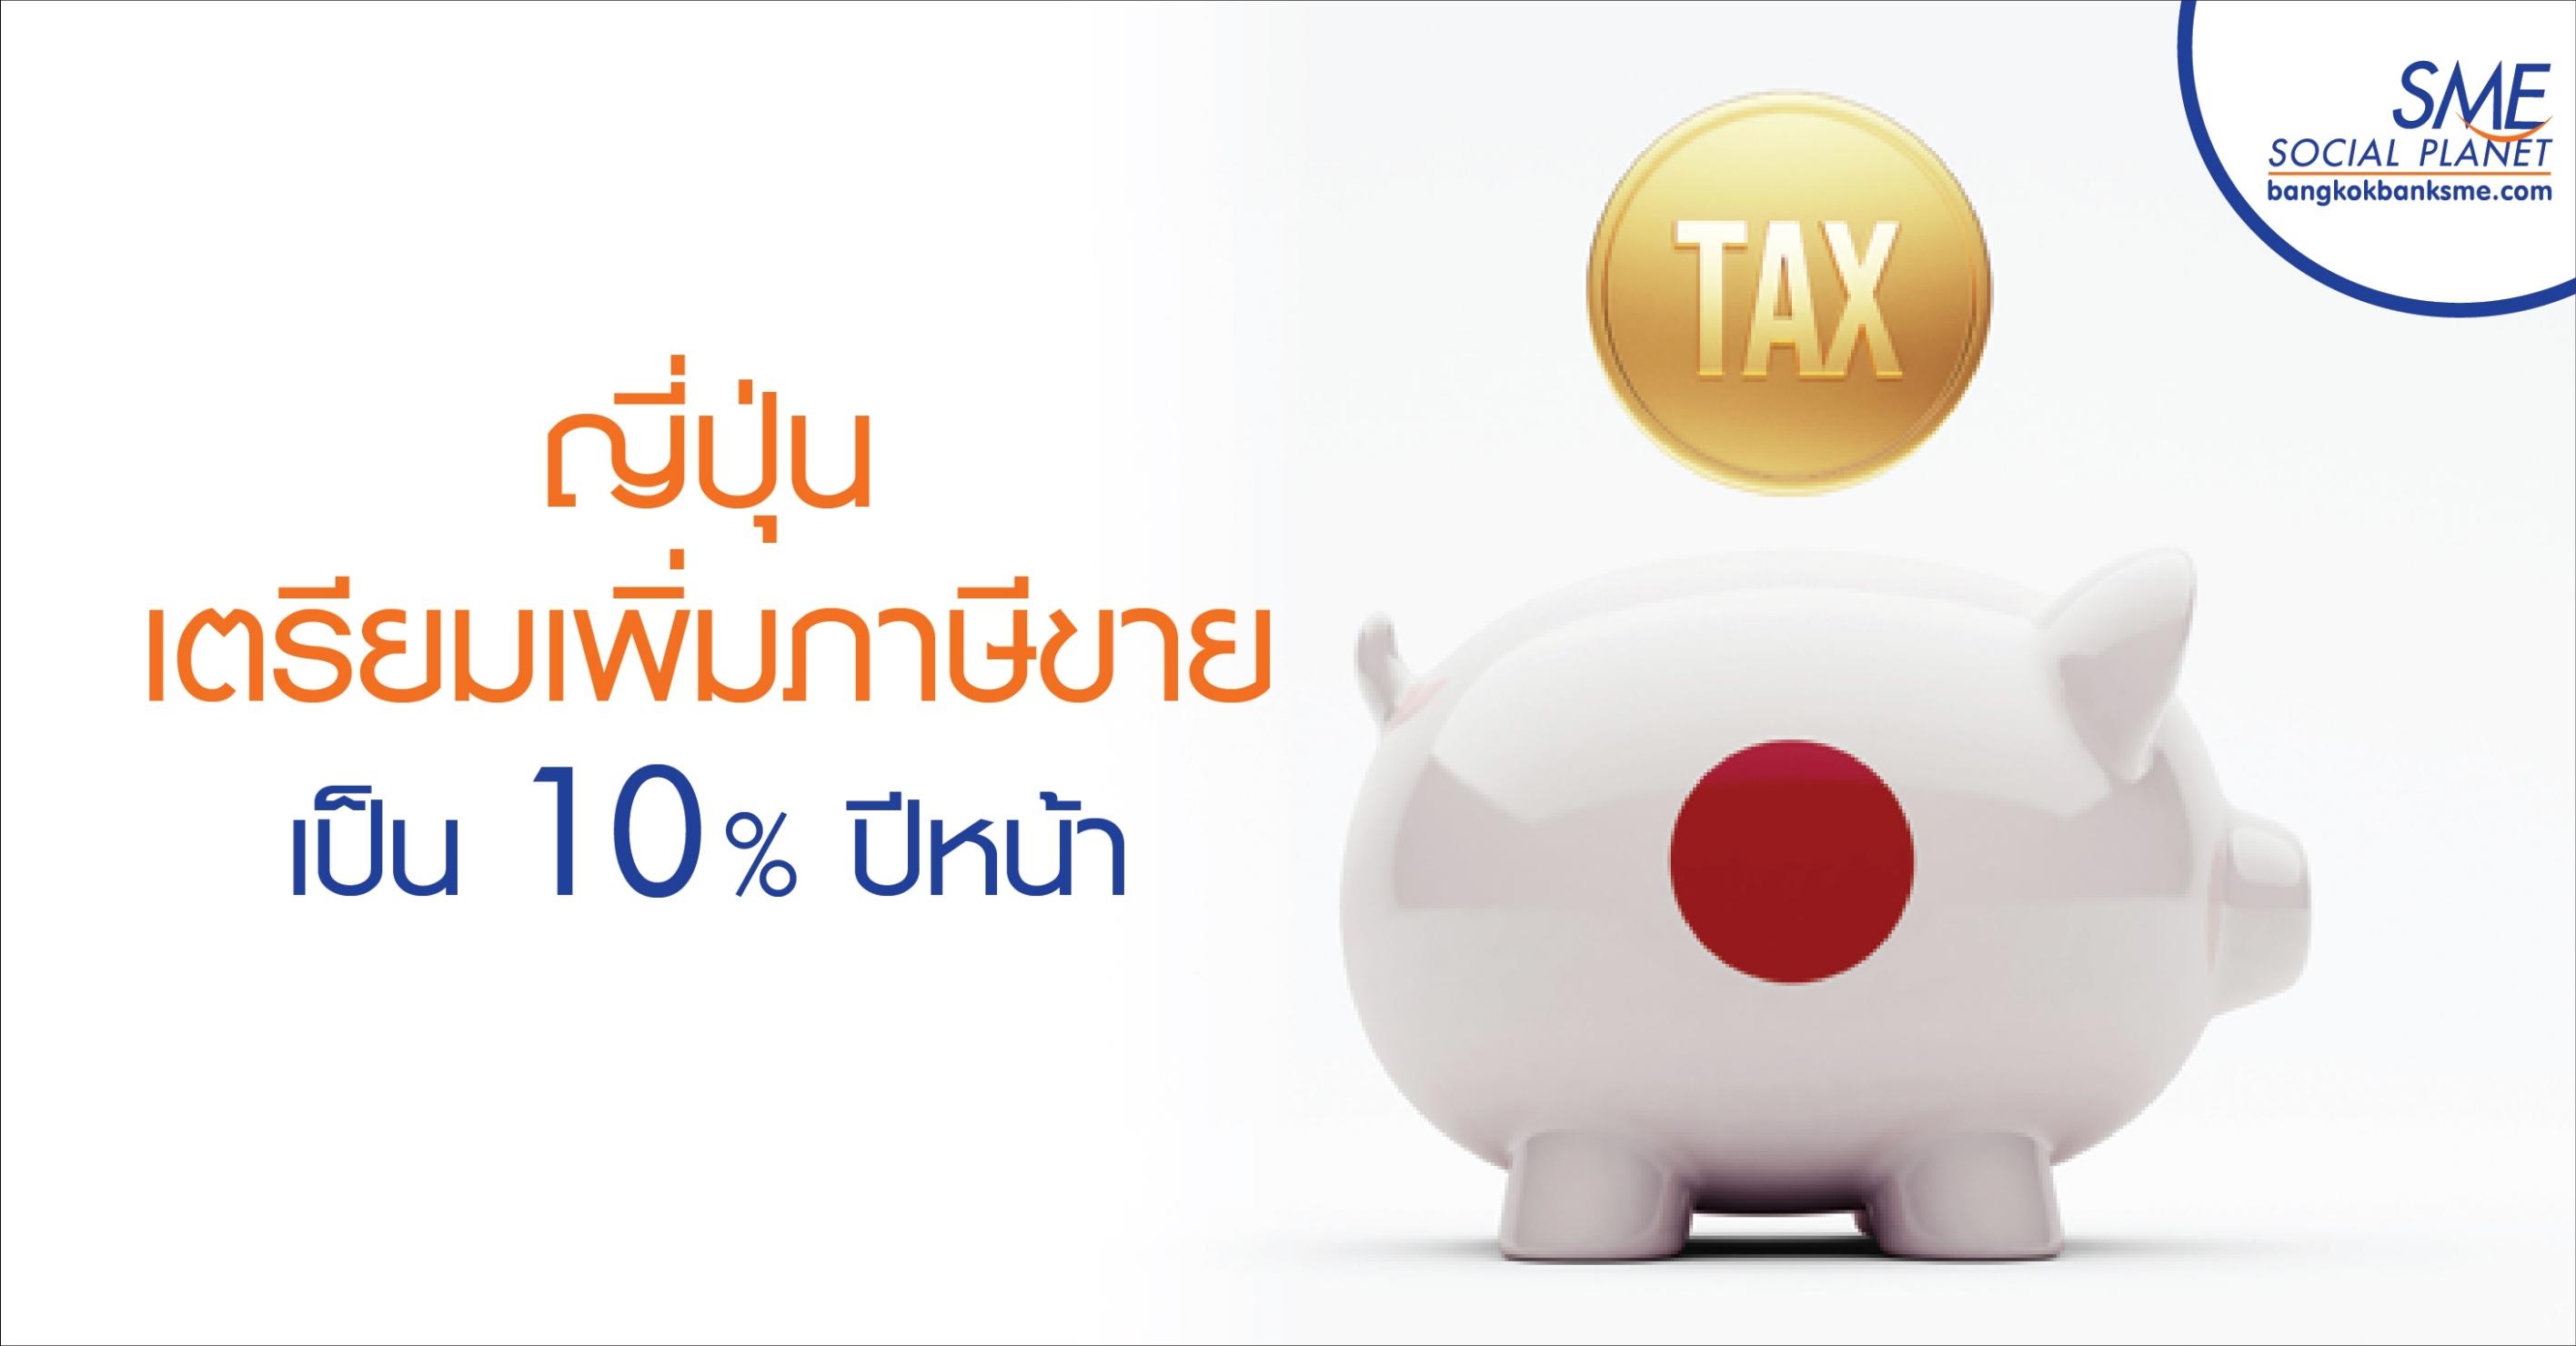 ญี่ปุ่นเตรียมเพิ่มภาษีขายเป็น 10% ปีหน้า